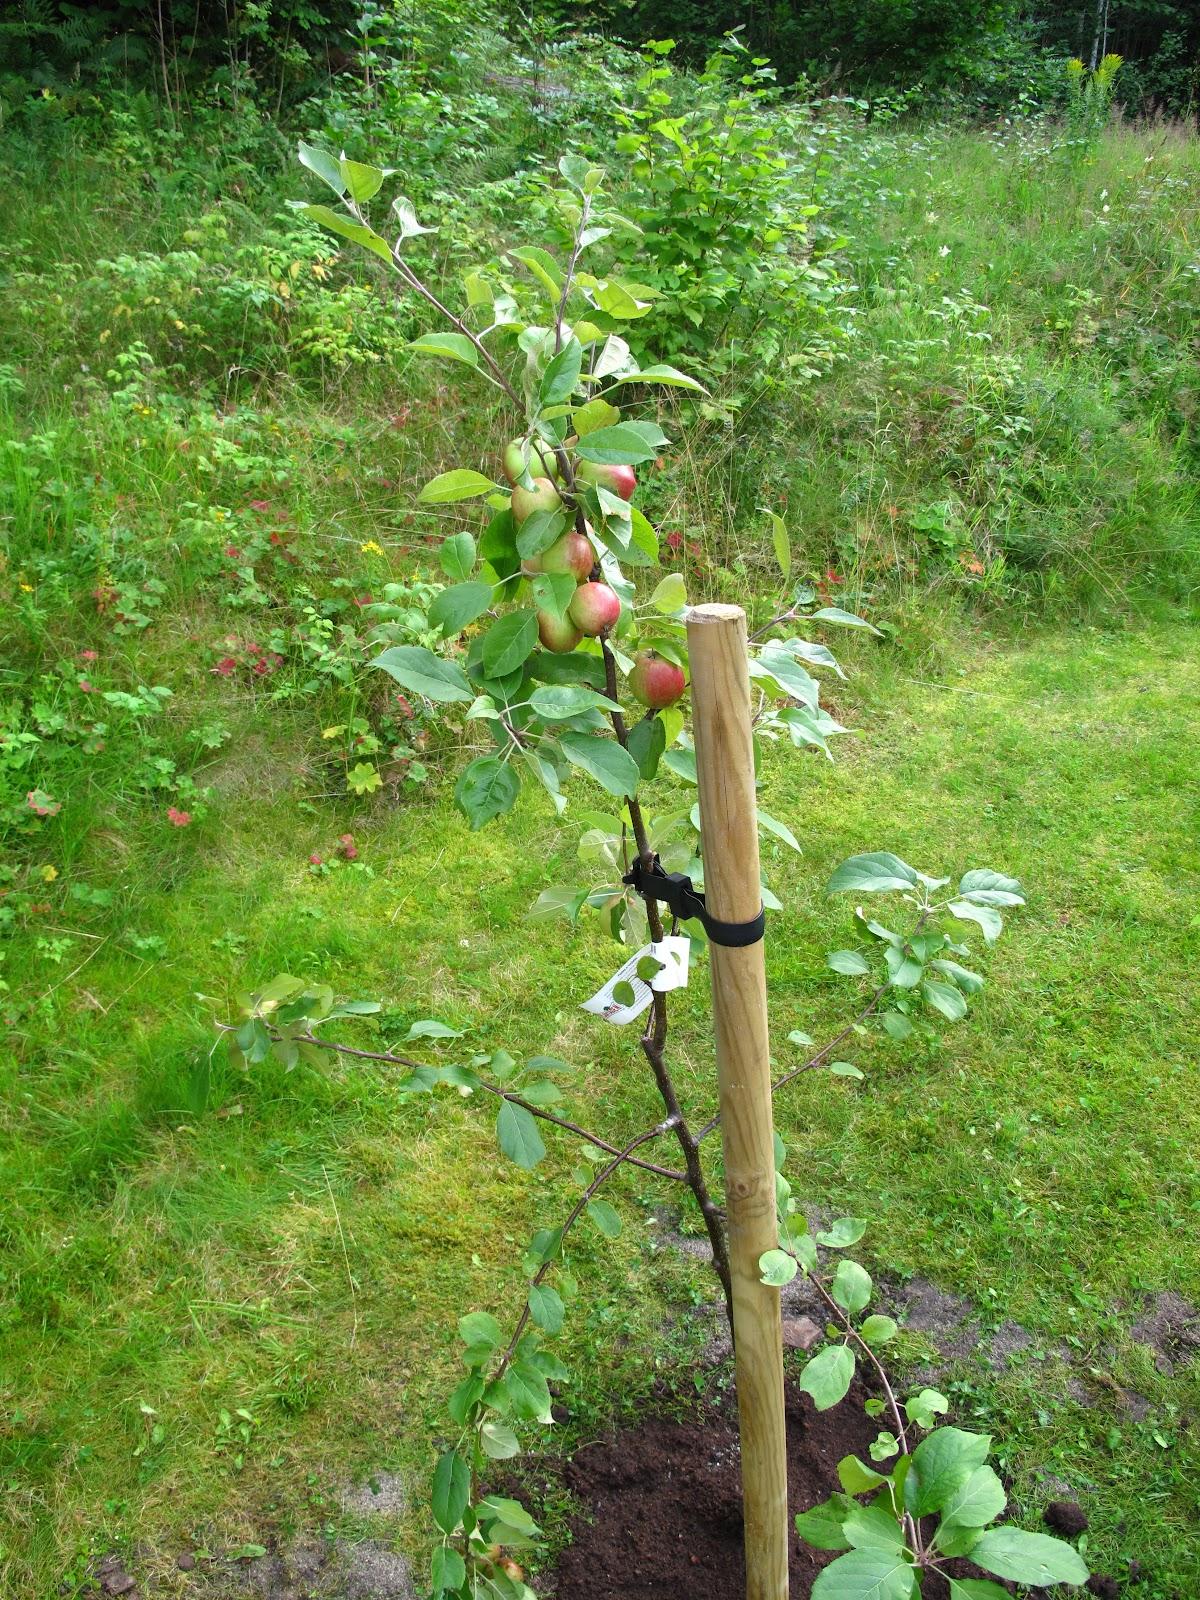 Planting av epletre